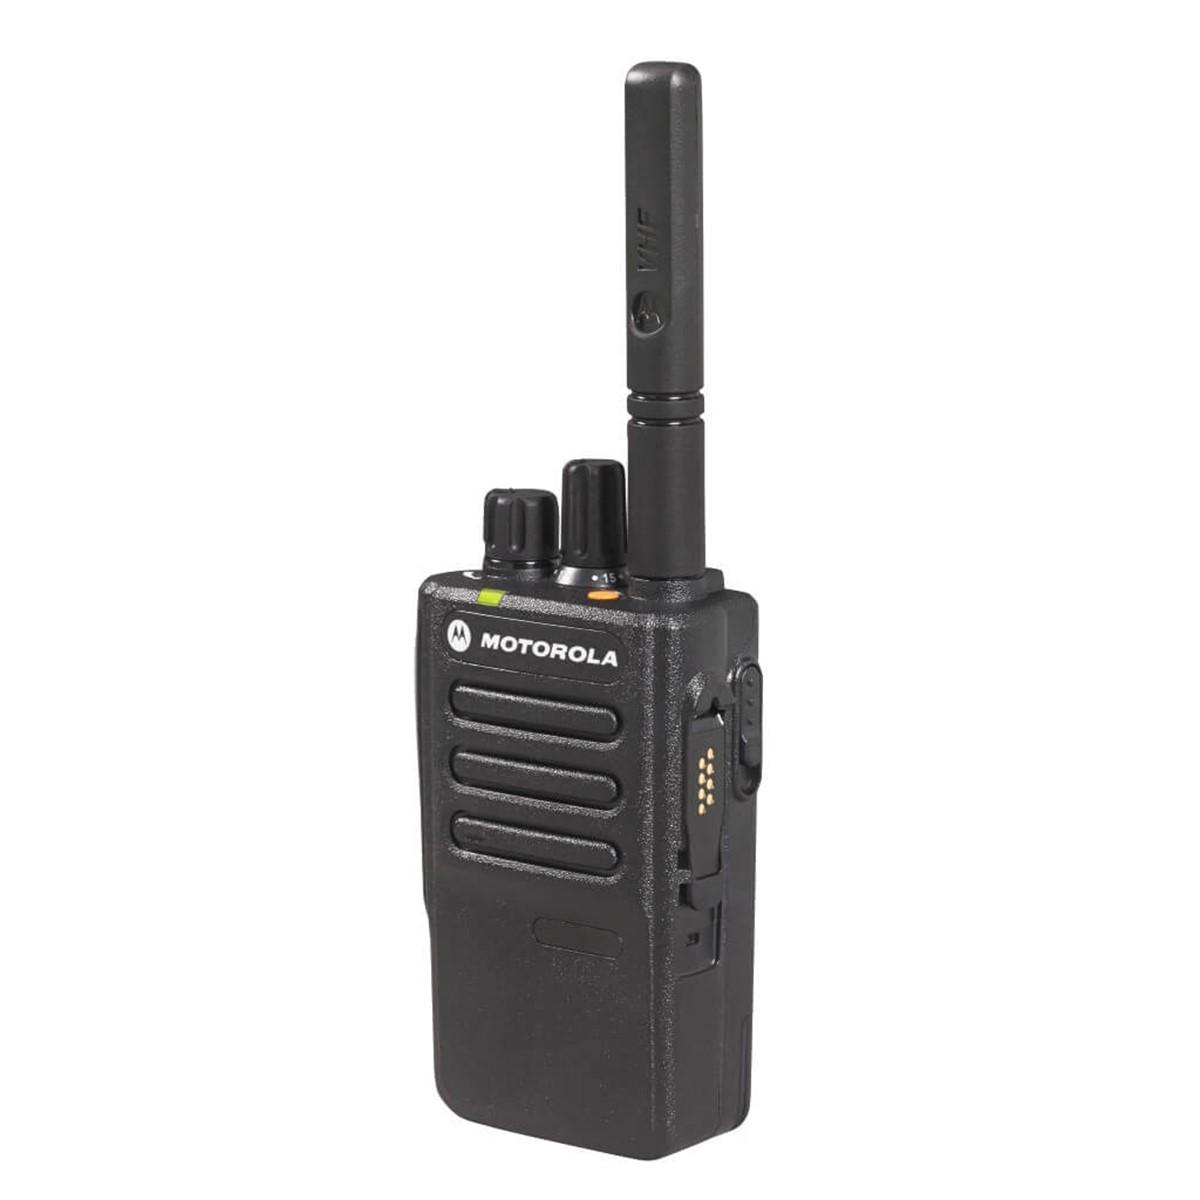 Radio Motorola DGP8050e Elite Digital